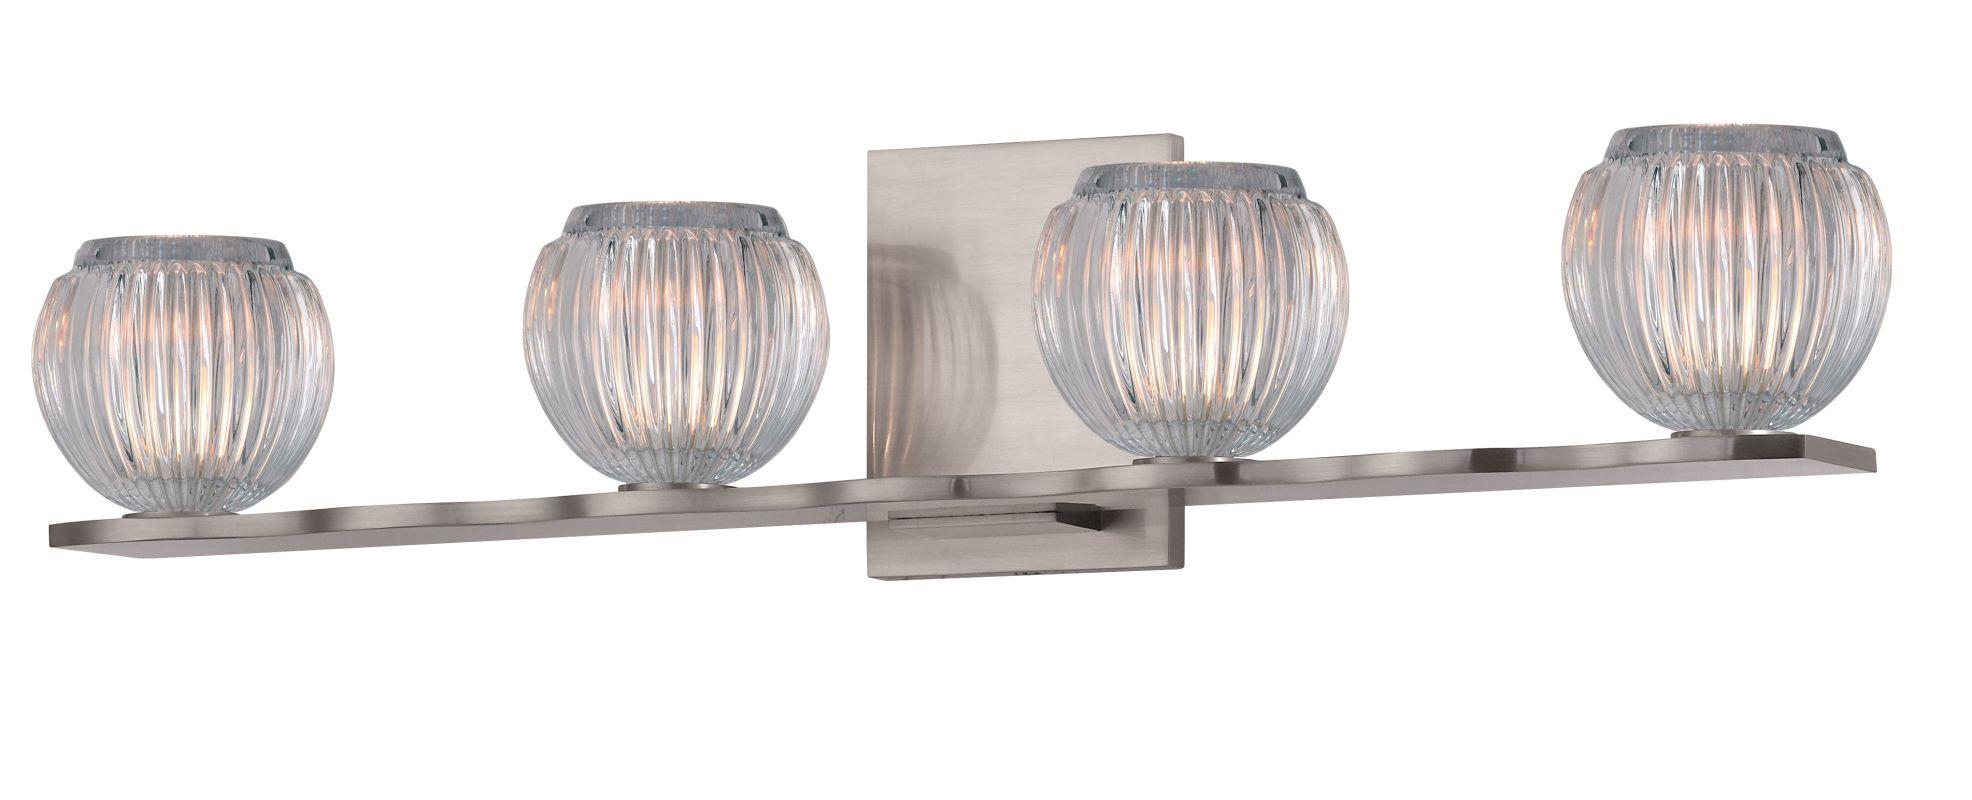 Hudson Valley 3164-SN Satin Nickel Contemporary Odem Bathroom Light